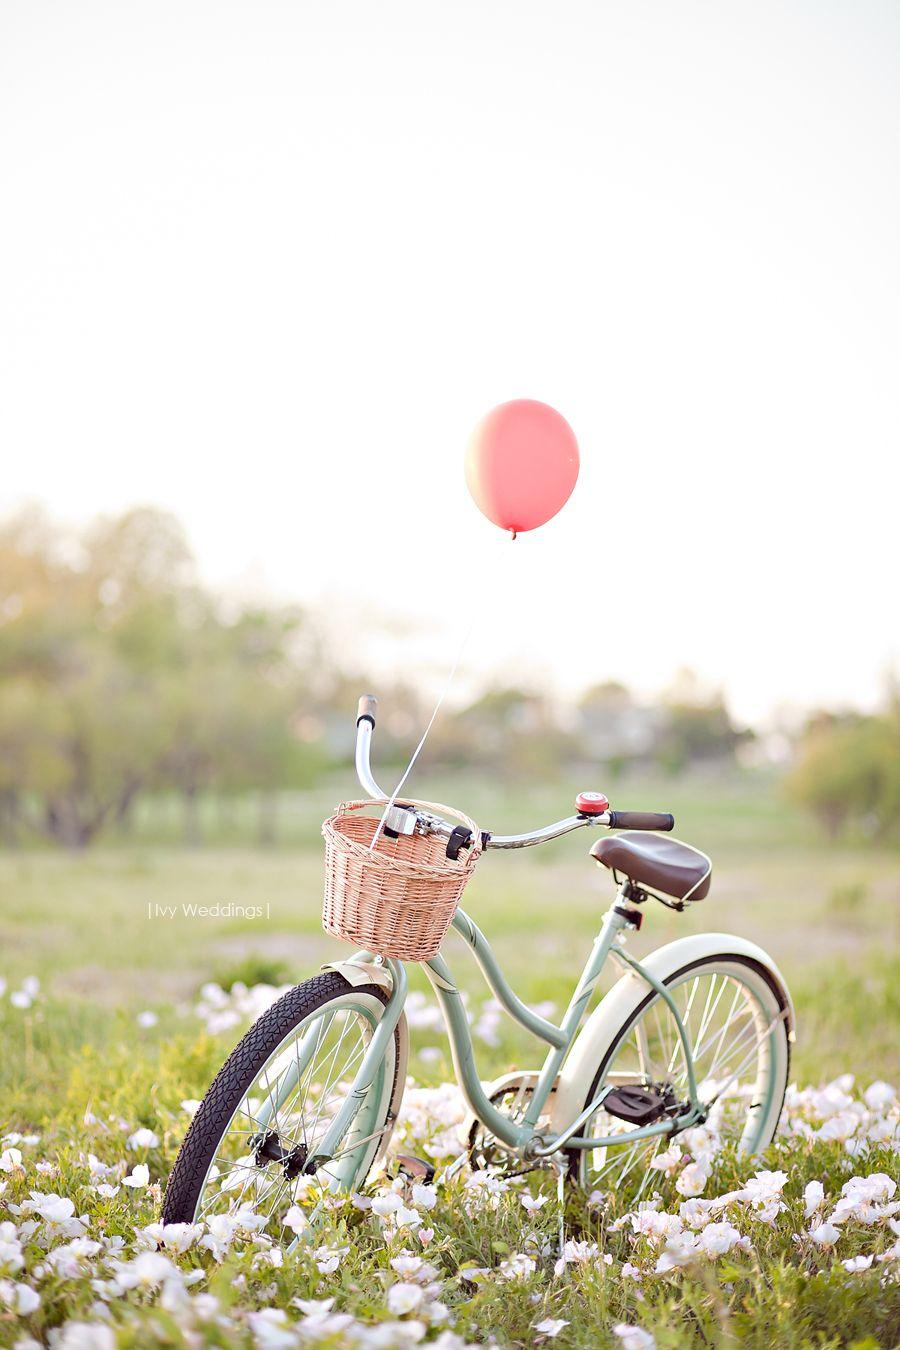 Vintage Girl Bicycle Iphone Wallpaper Bicycle, Vintage